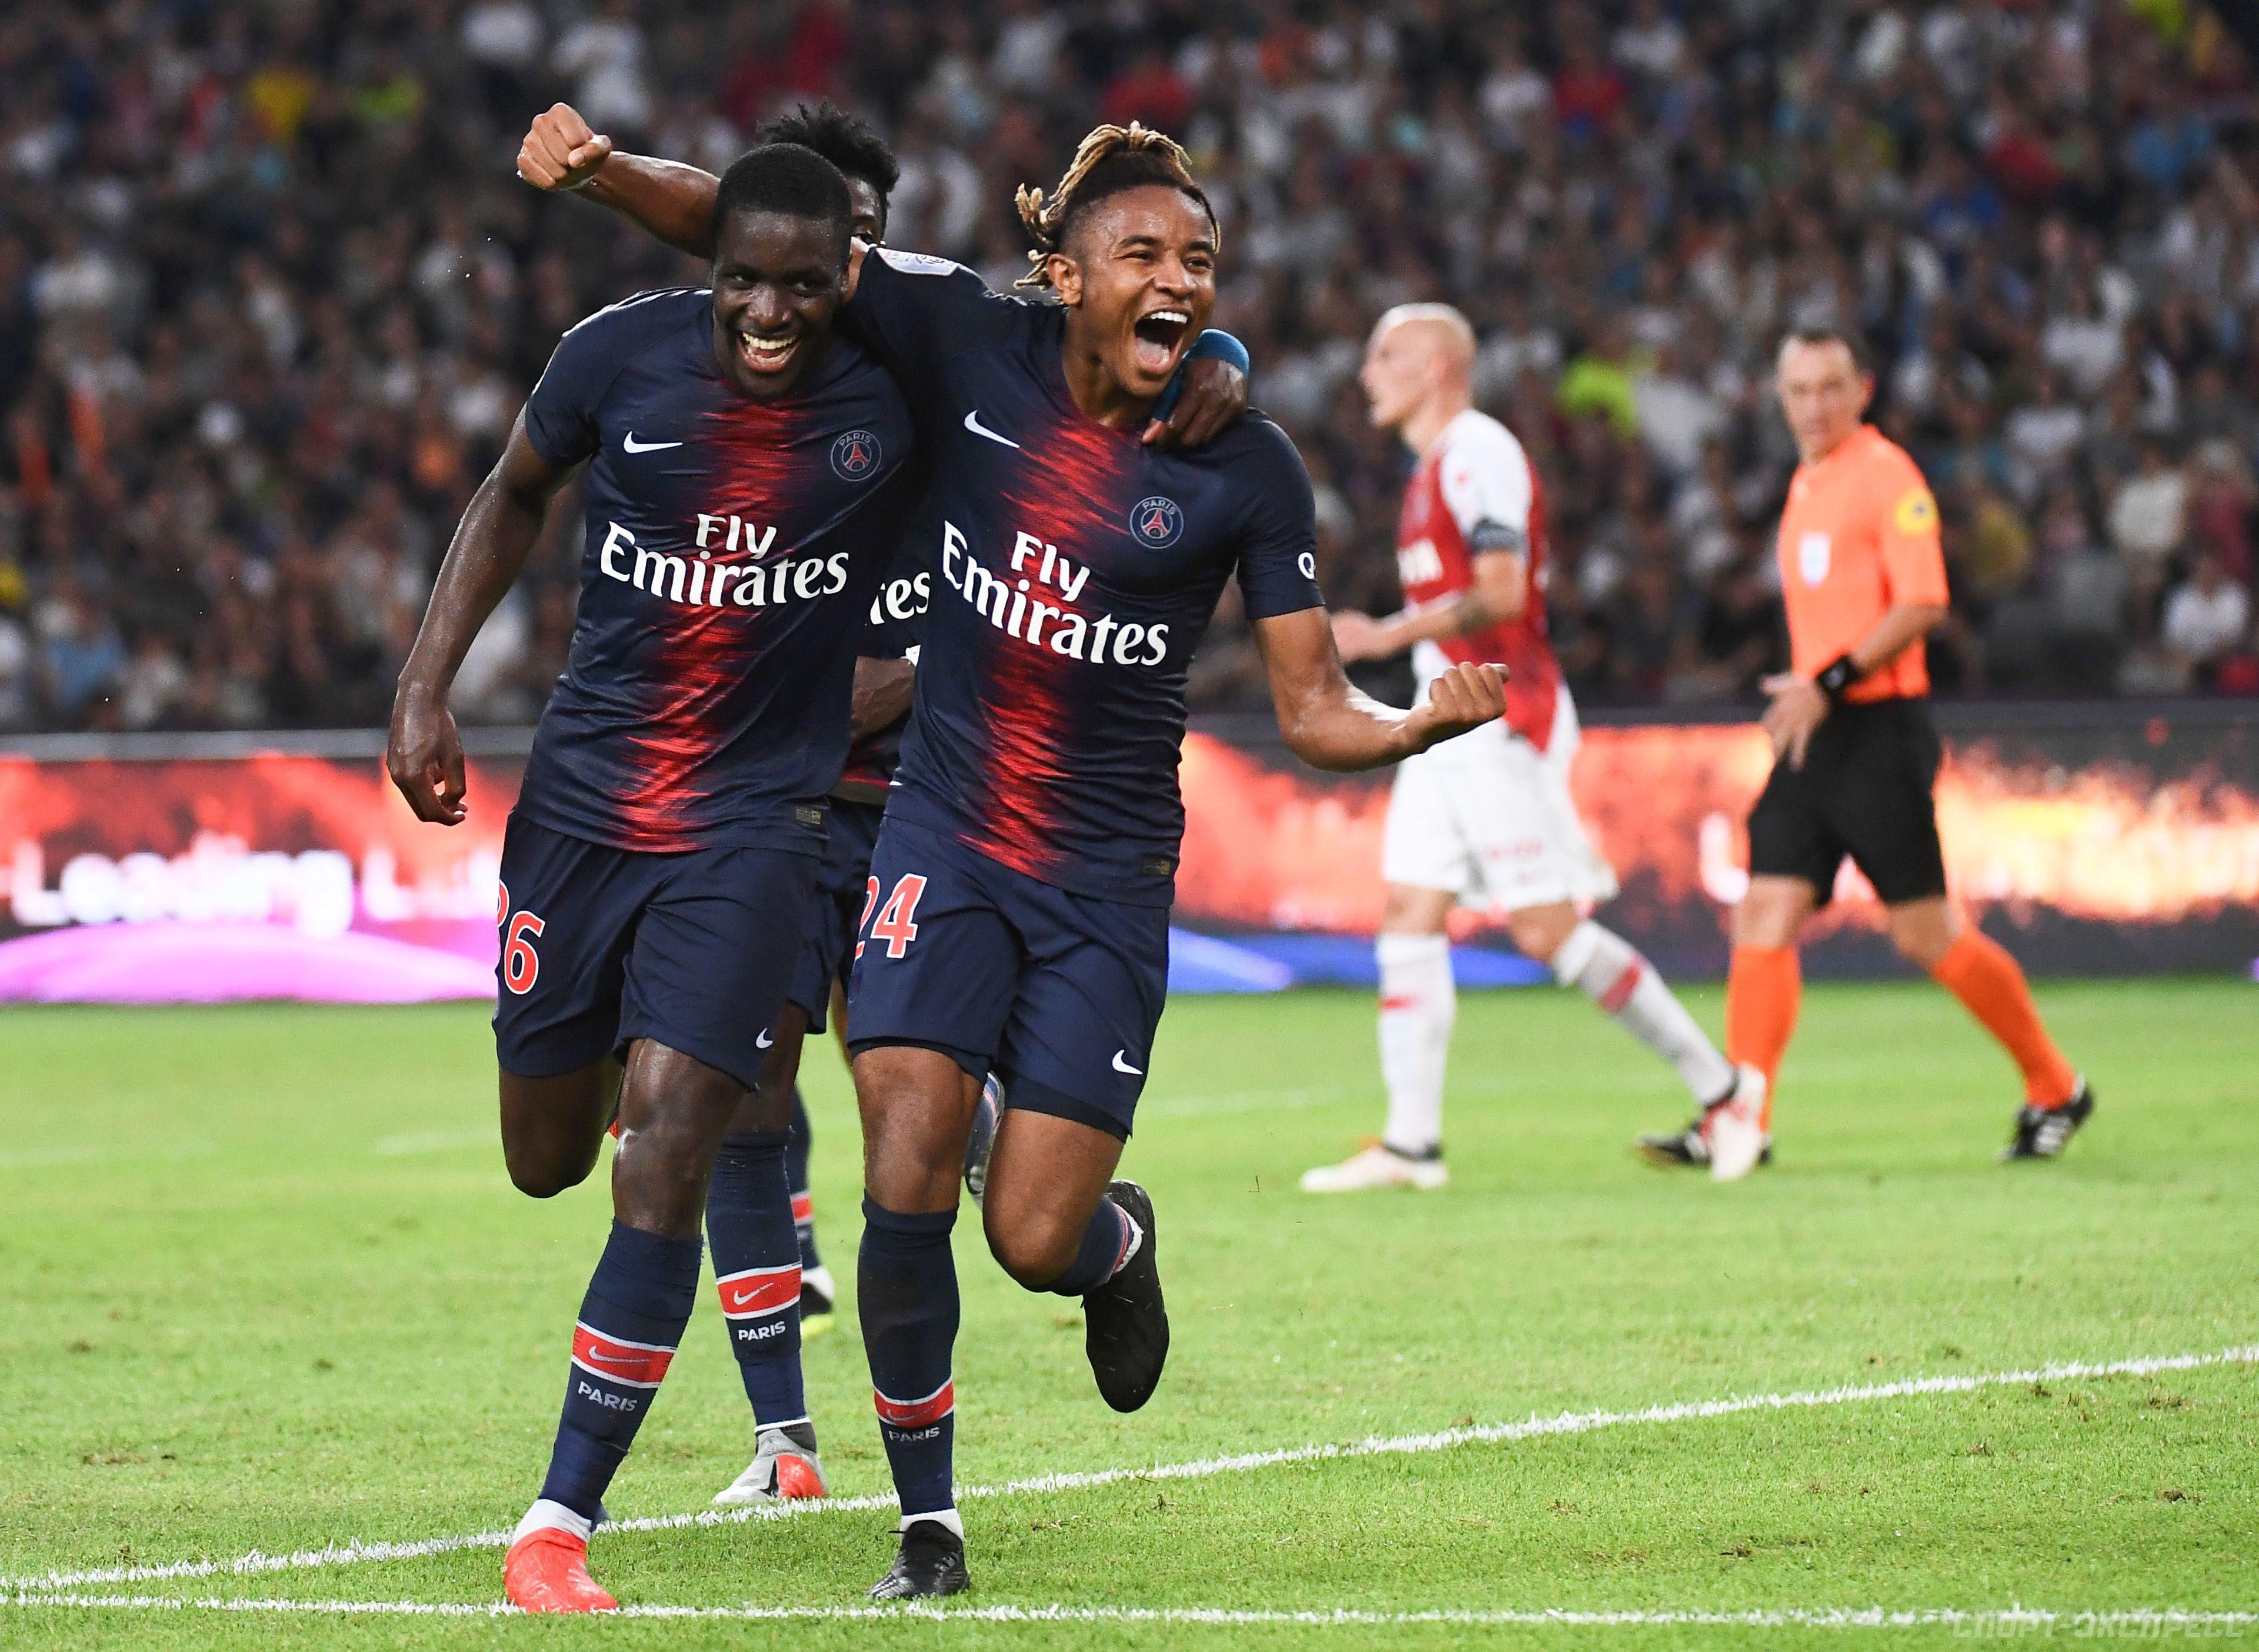 ПСЖ – Монако. Прогноз матча кубка Франции